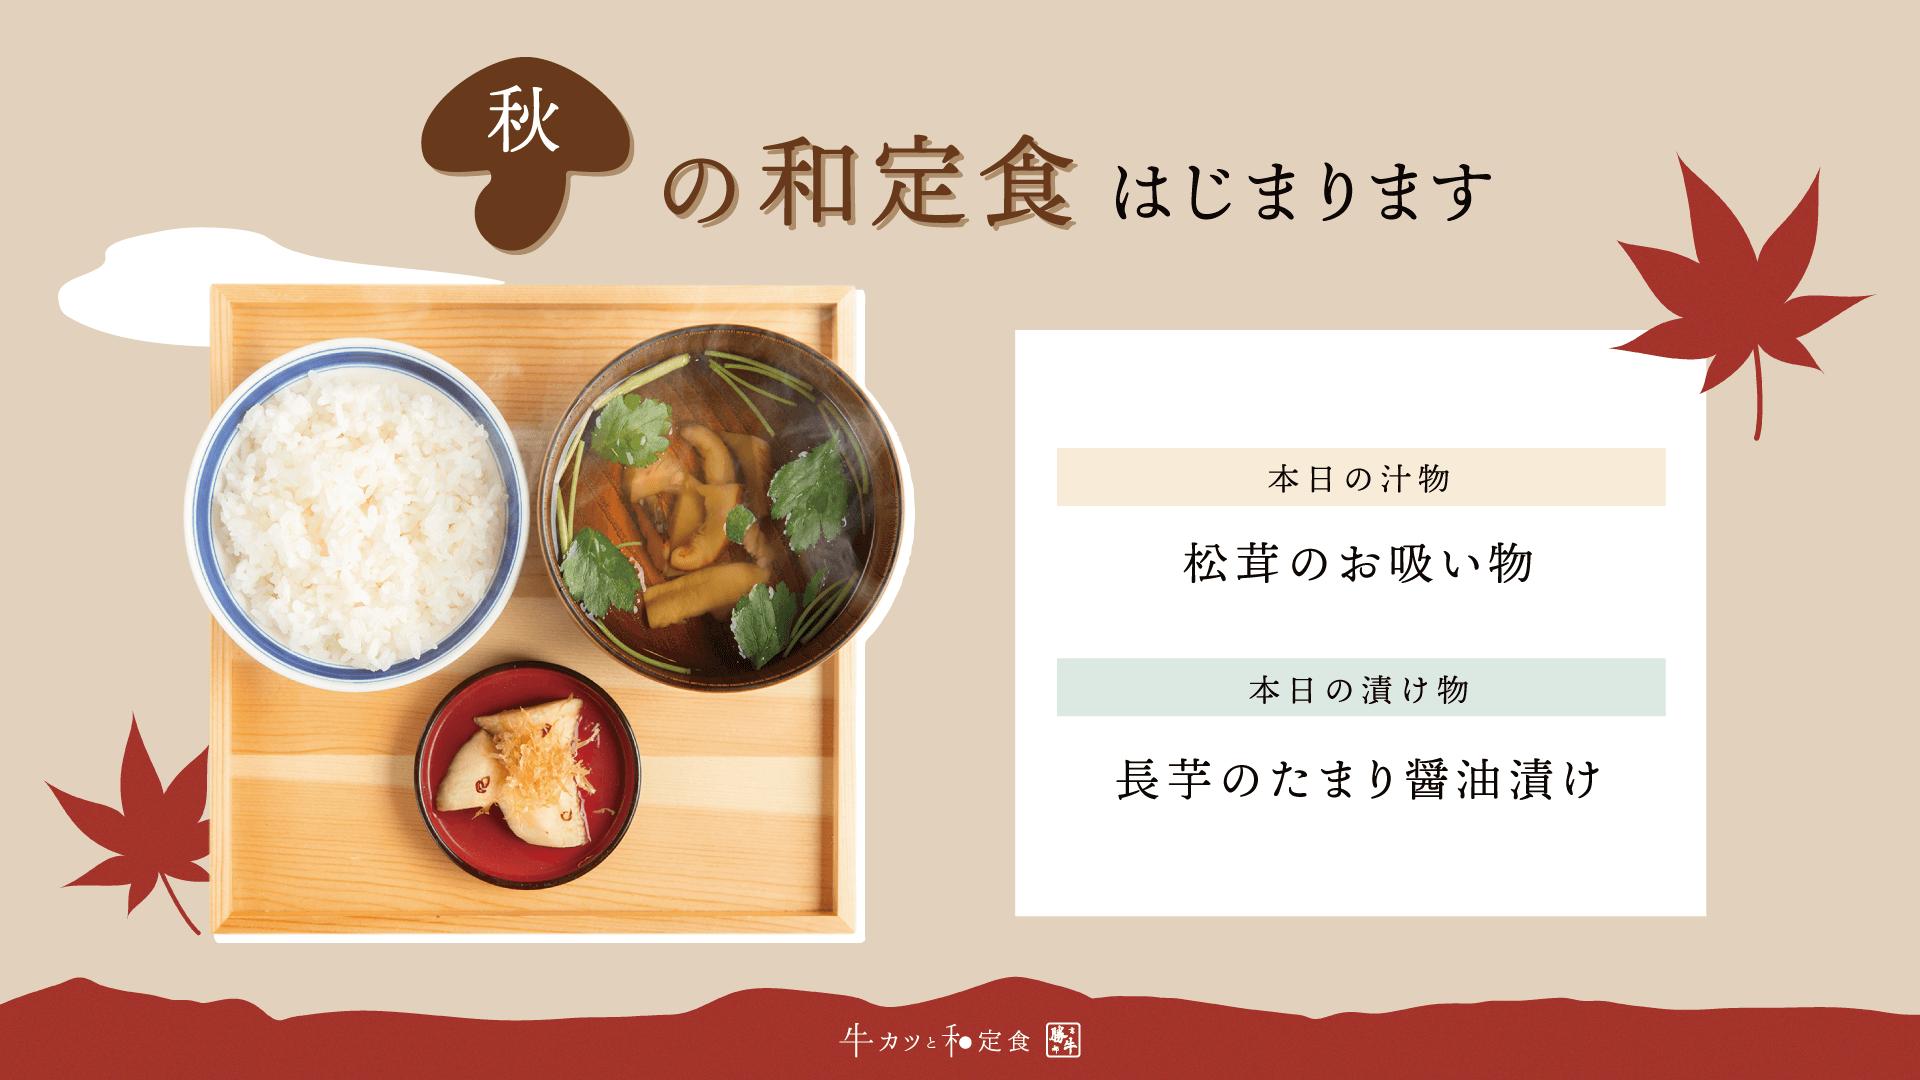 【牛カツと和定食 京都勝牛】9月1日(水)より「秋の和定食」はじまります。